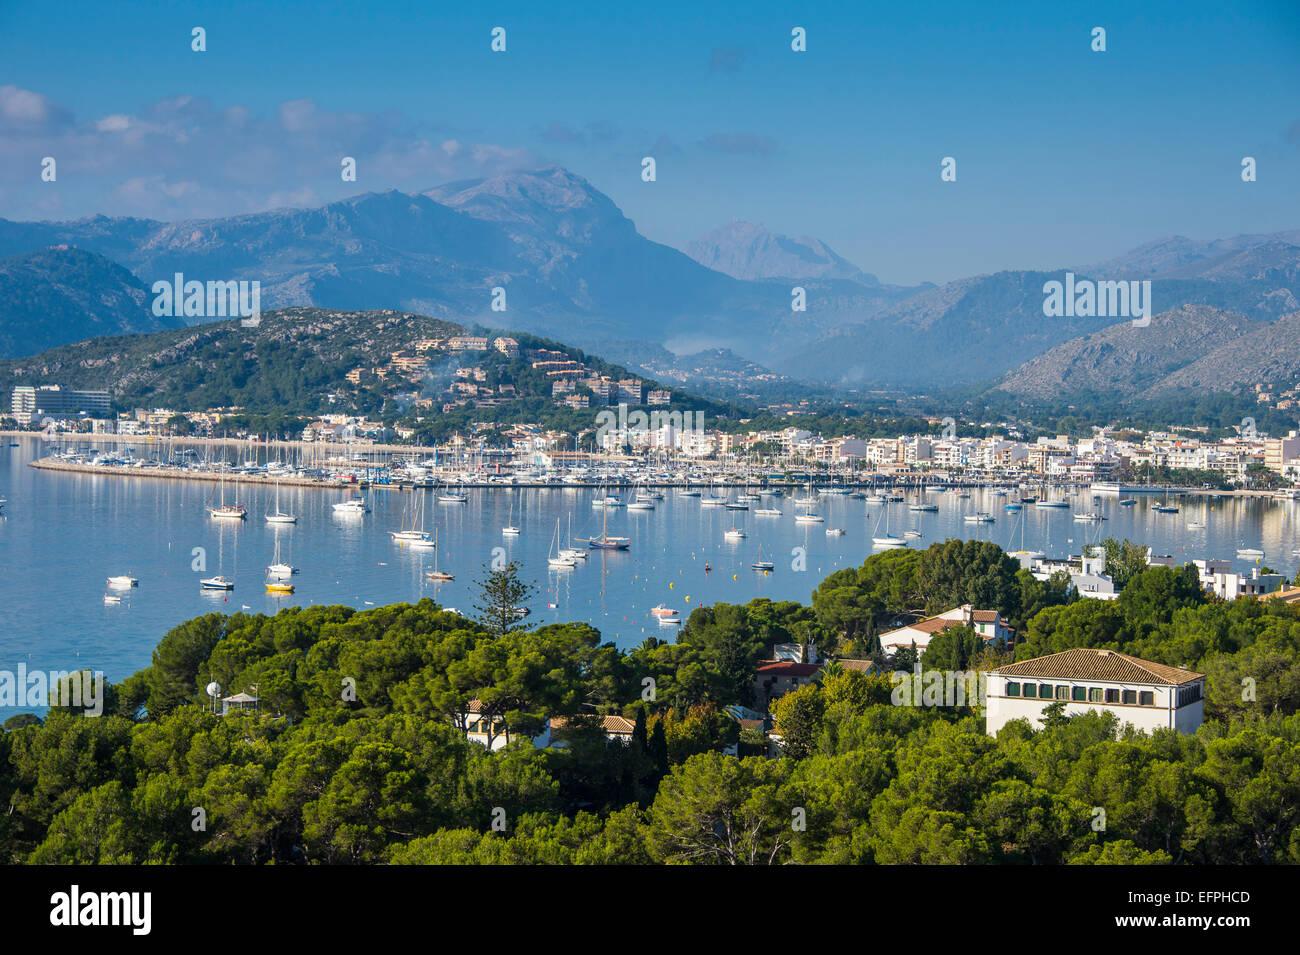 Vistas a la bahía del Puerto de Pollensa, con muchos barcos de vela, Mallorca, Islas Baleares, España, Imagen De Stock